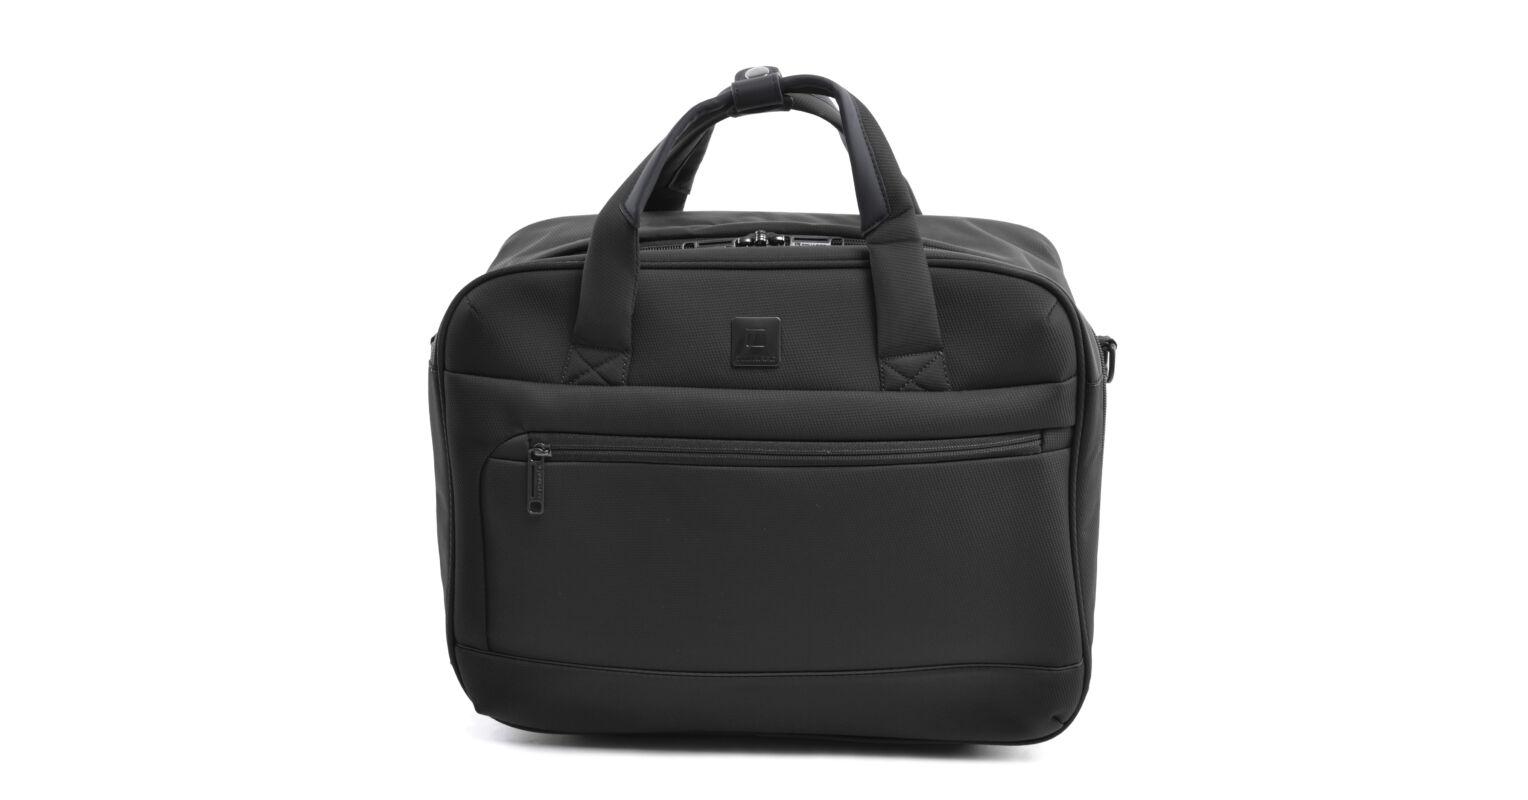 b2421079f2d4 Touareg Prémium Utazótáska Fekete - Touareg - Táska webáruház - Minőségi  táskák mindenkinek